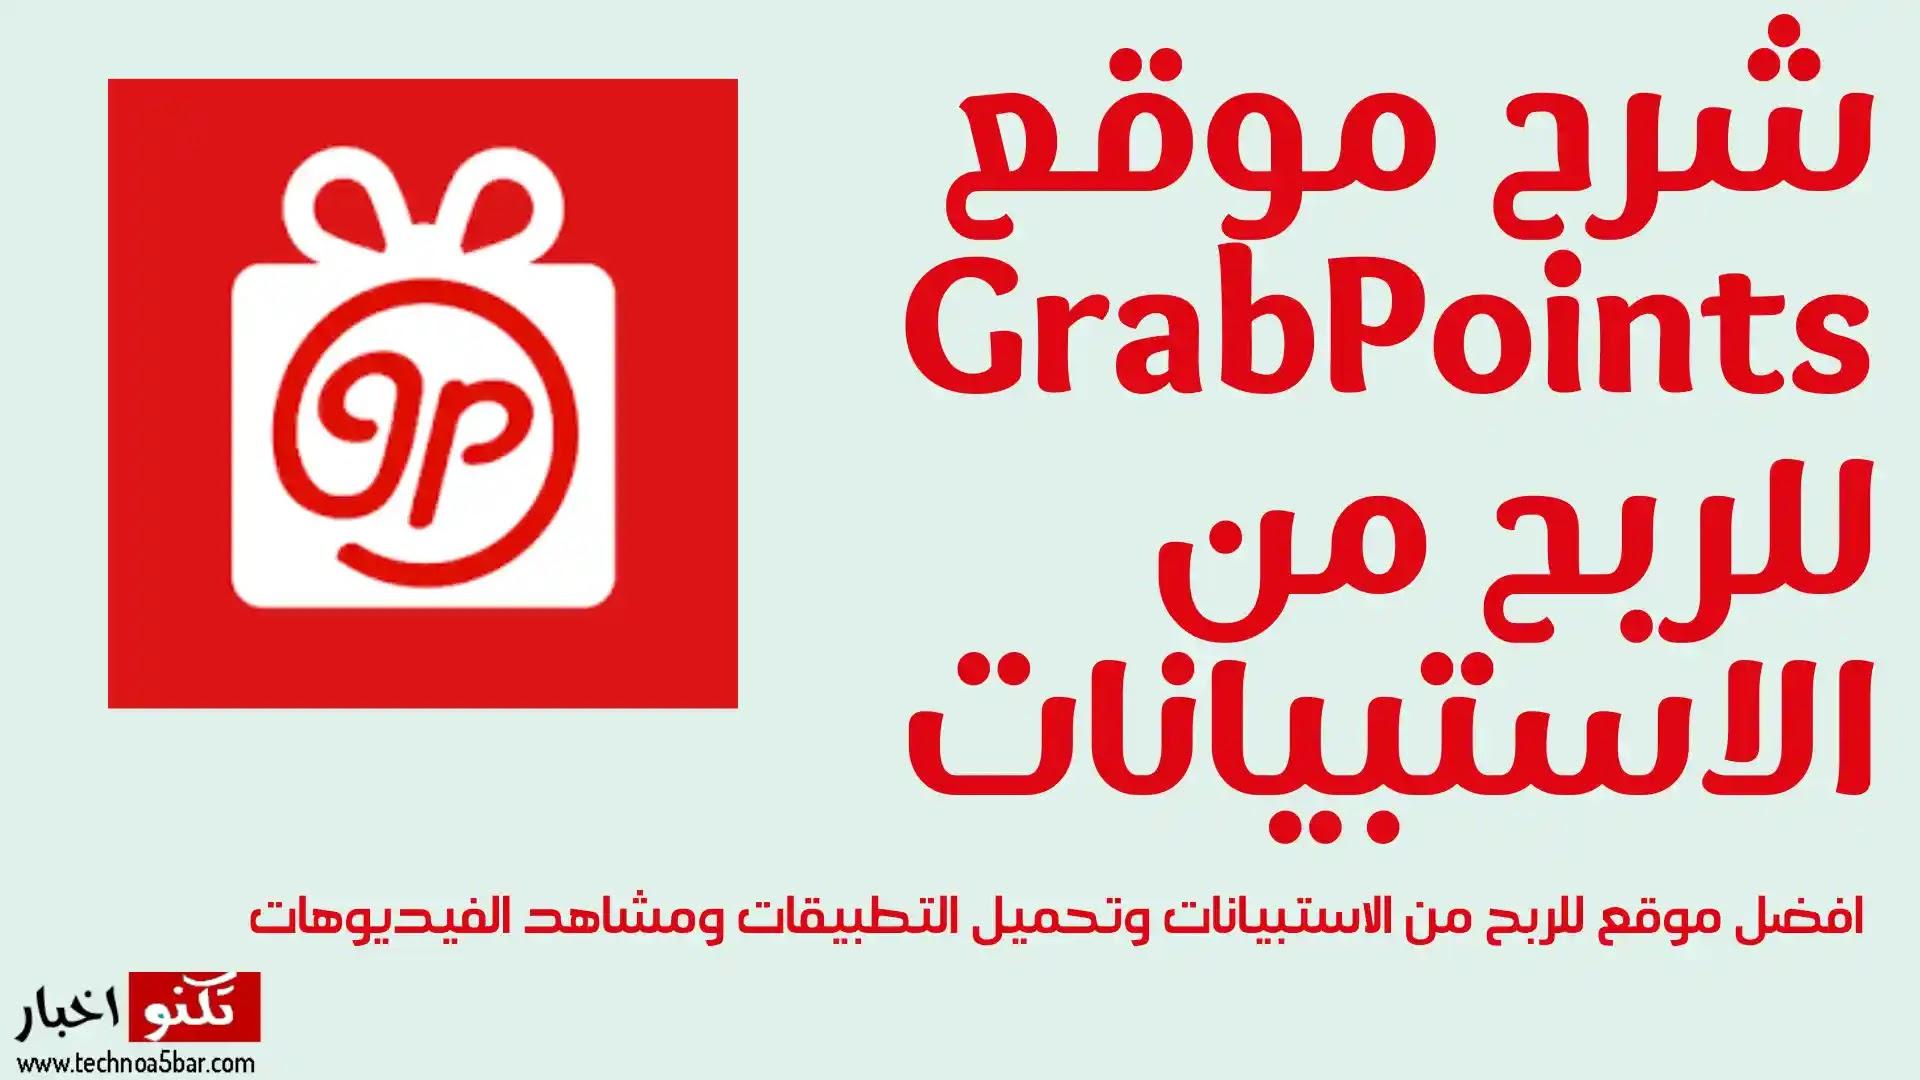 شرح موقع GrabPoints للربح من الاستبيانات وتحميل التطبيقات ومشاهد الفيديوهات